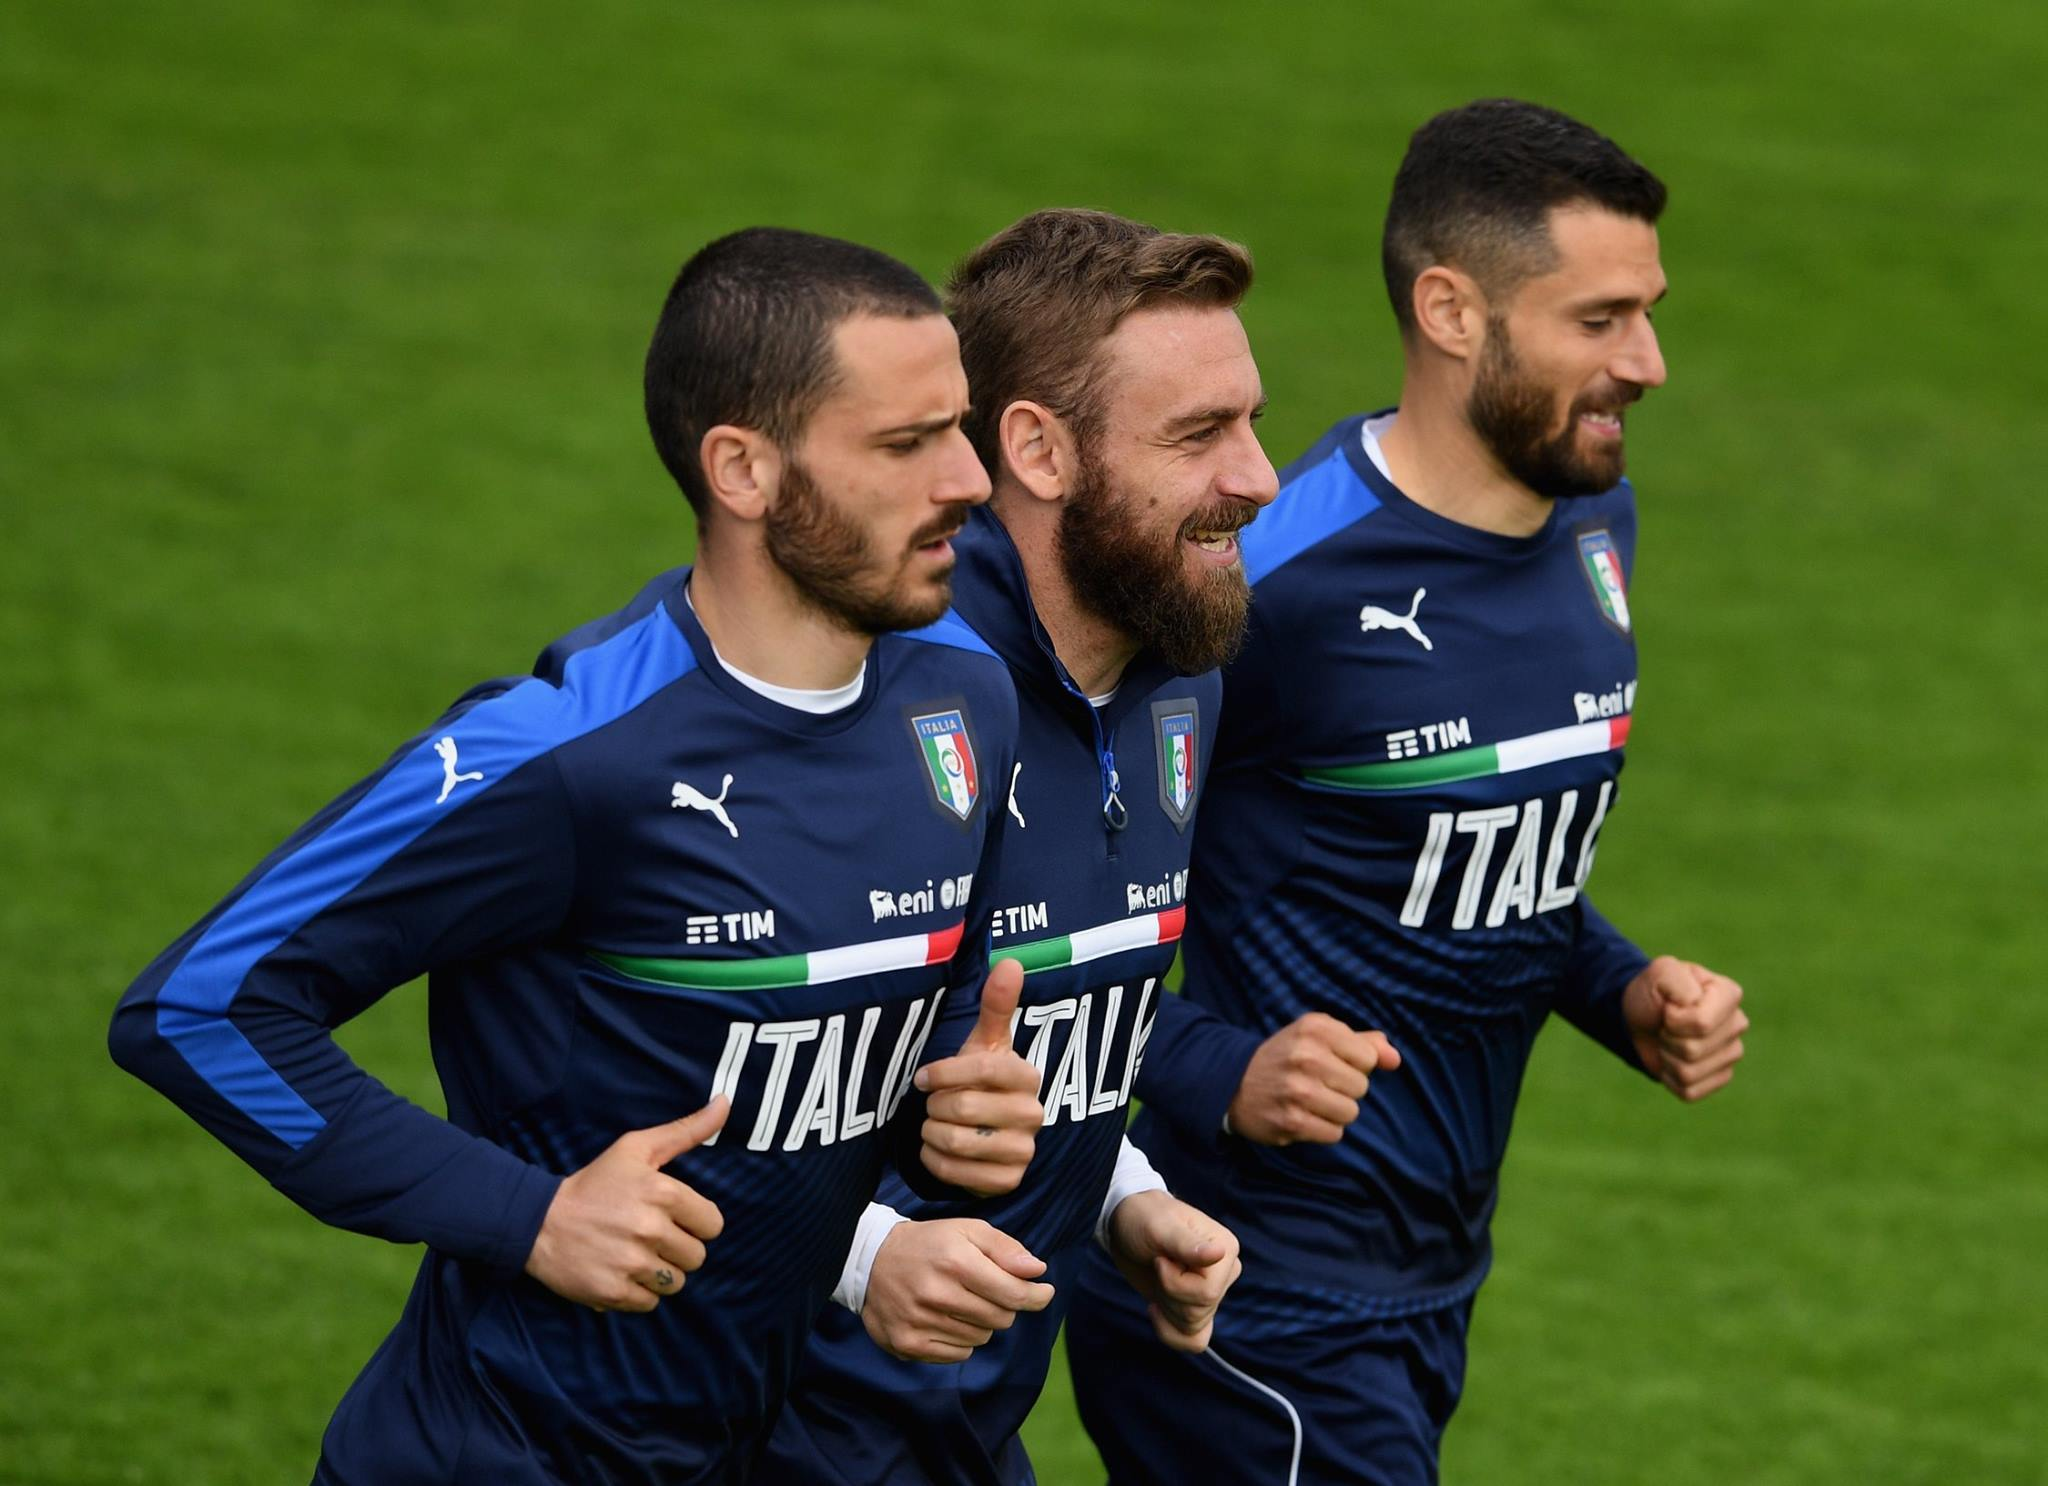 qualificazioni mondiali stasera italia albania mondiali it